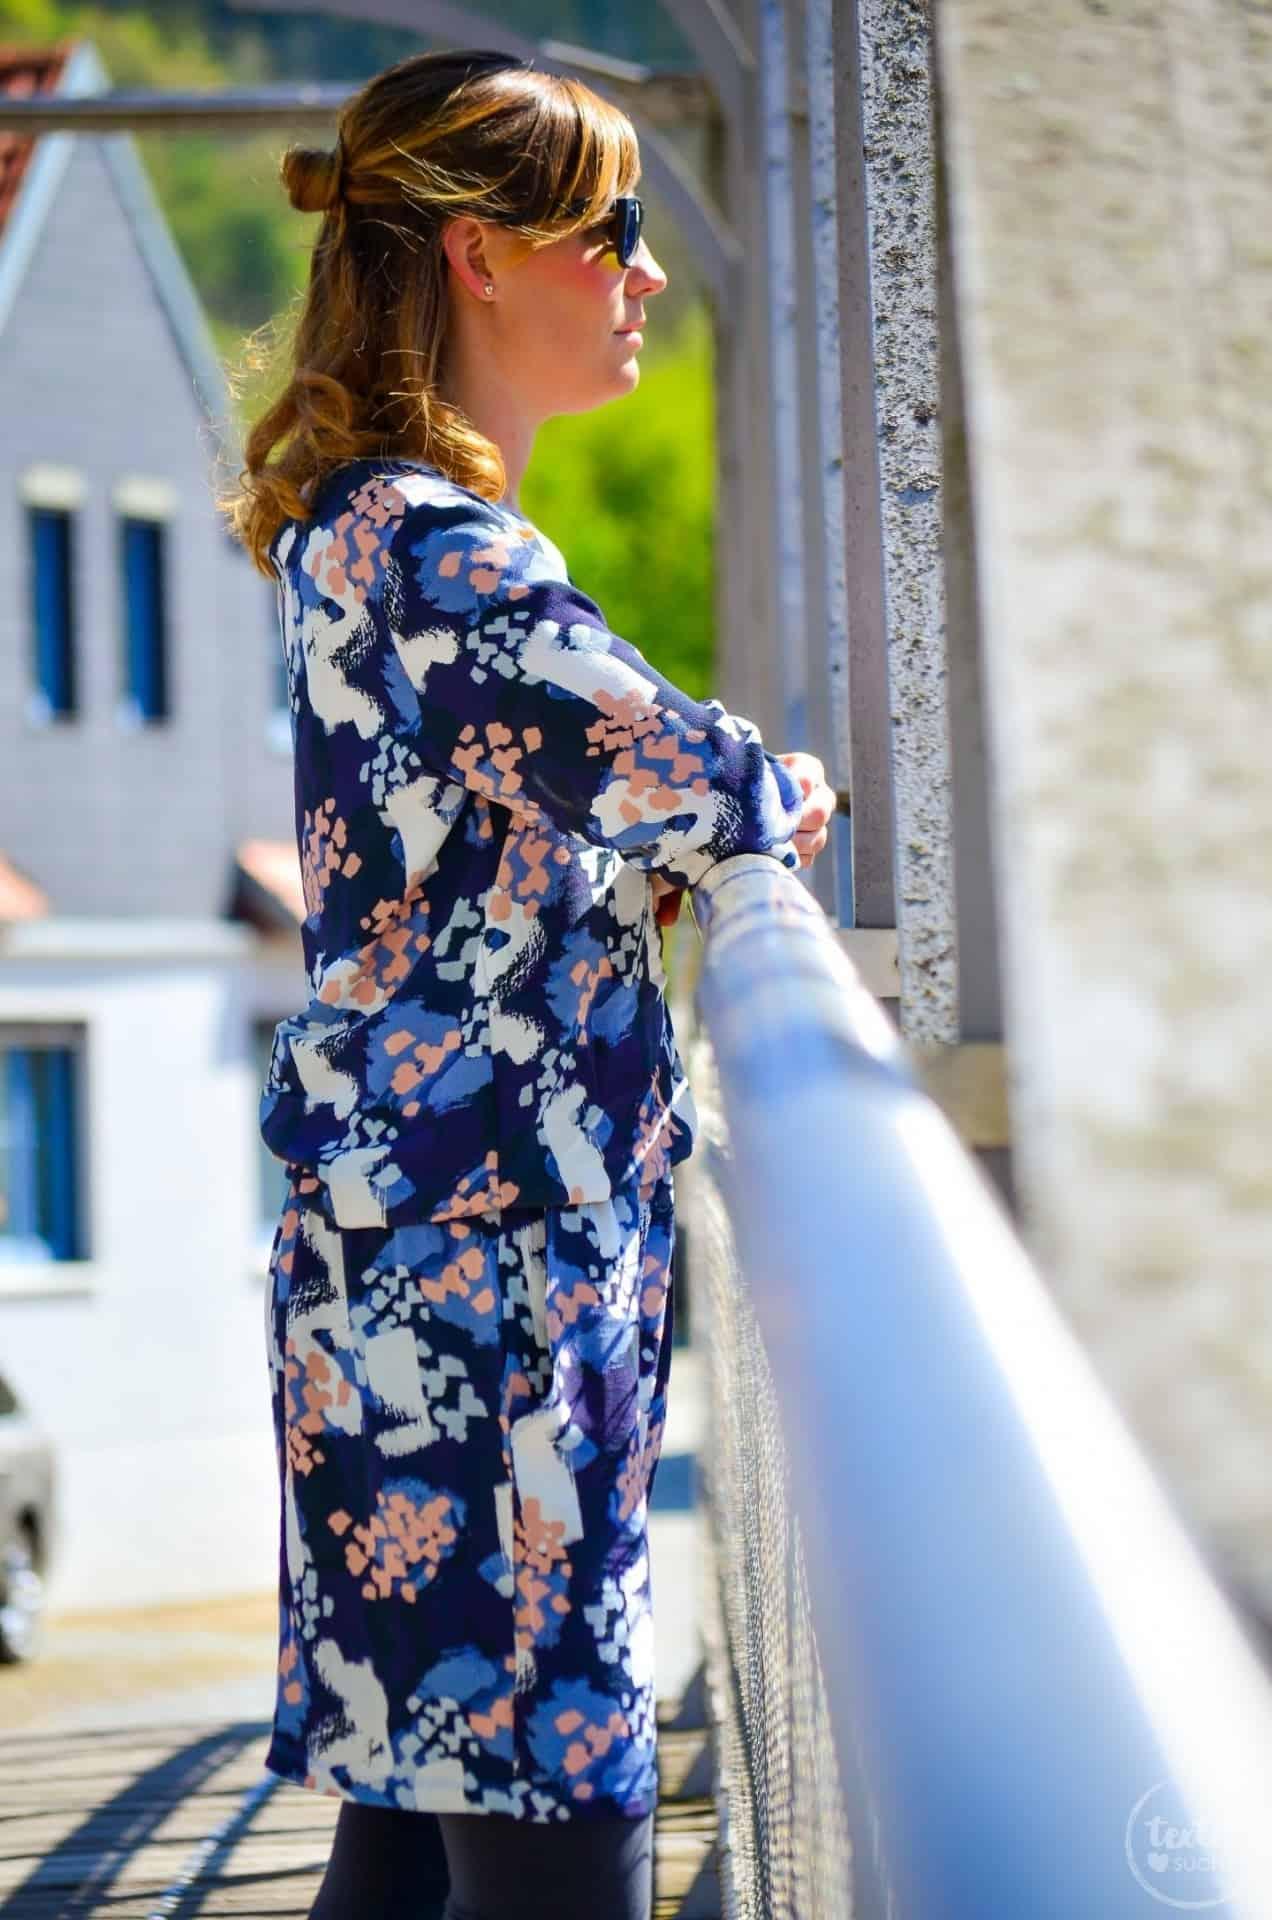 Mein neues Kleid von Stoff&Stil - Bild 5 | textilsucht.de